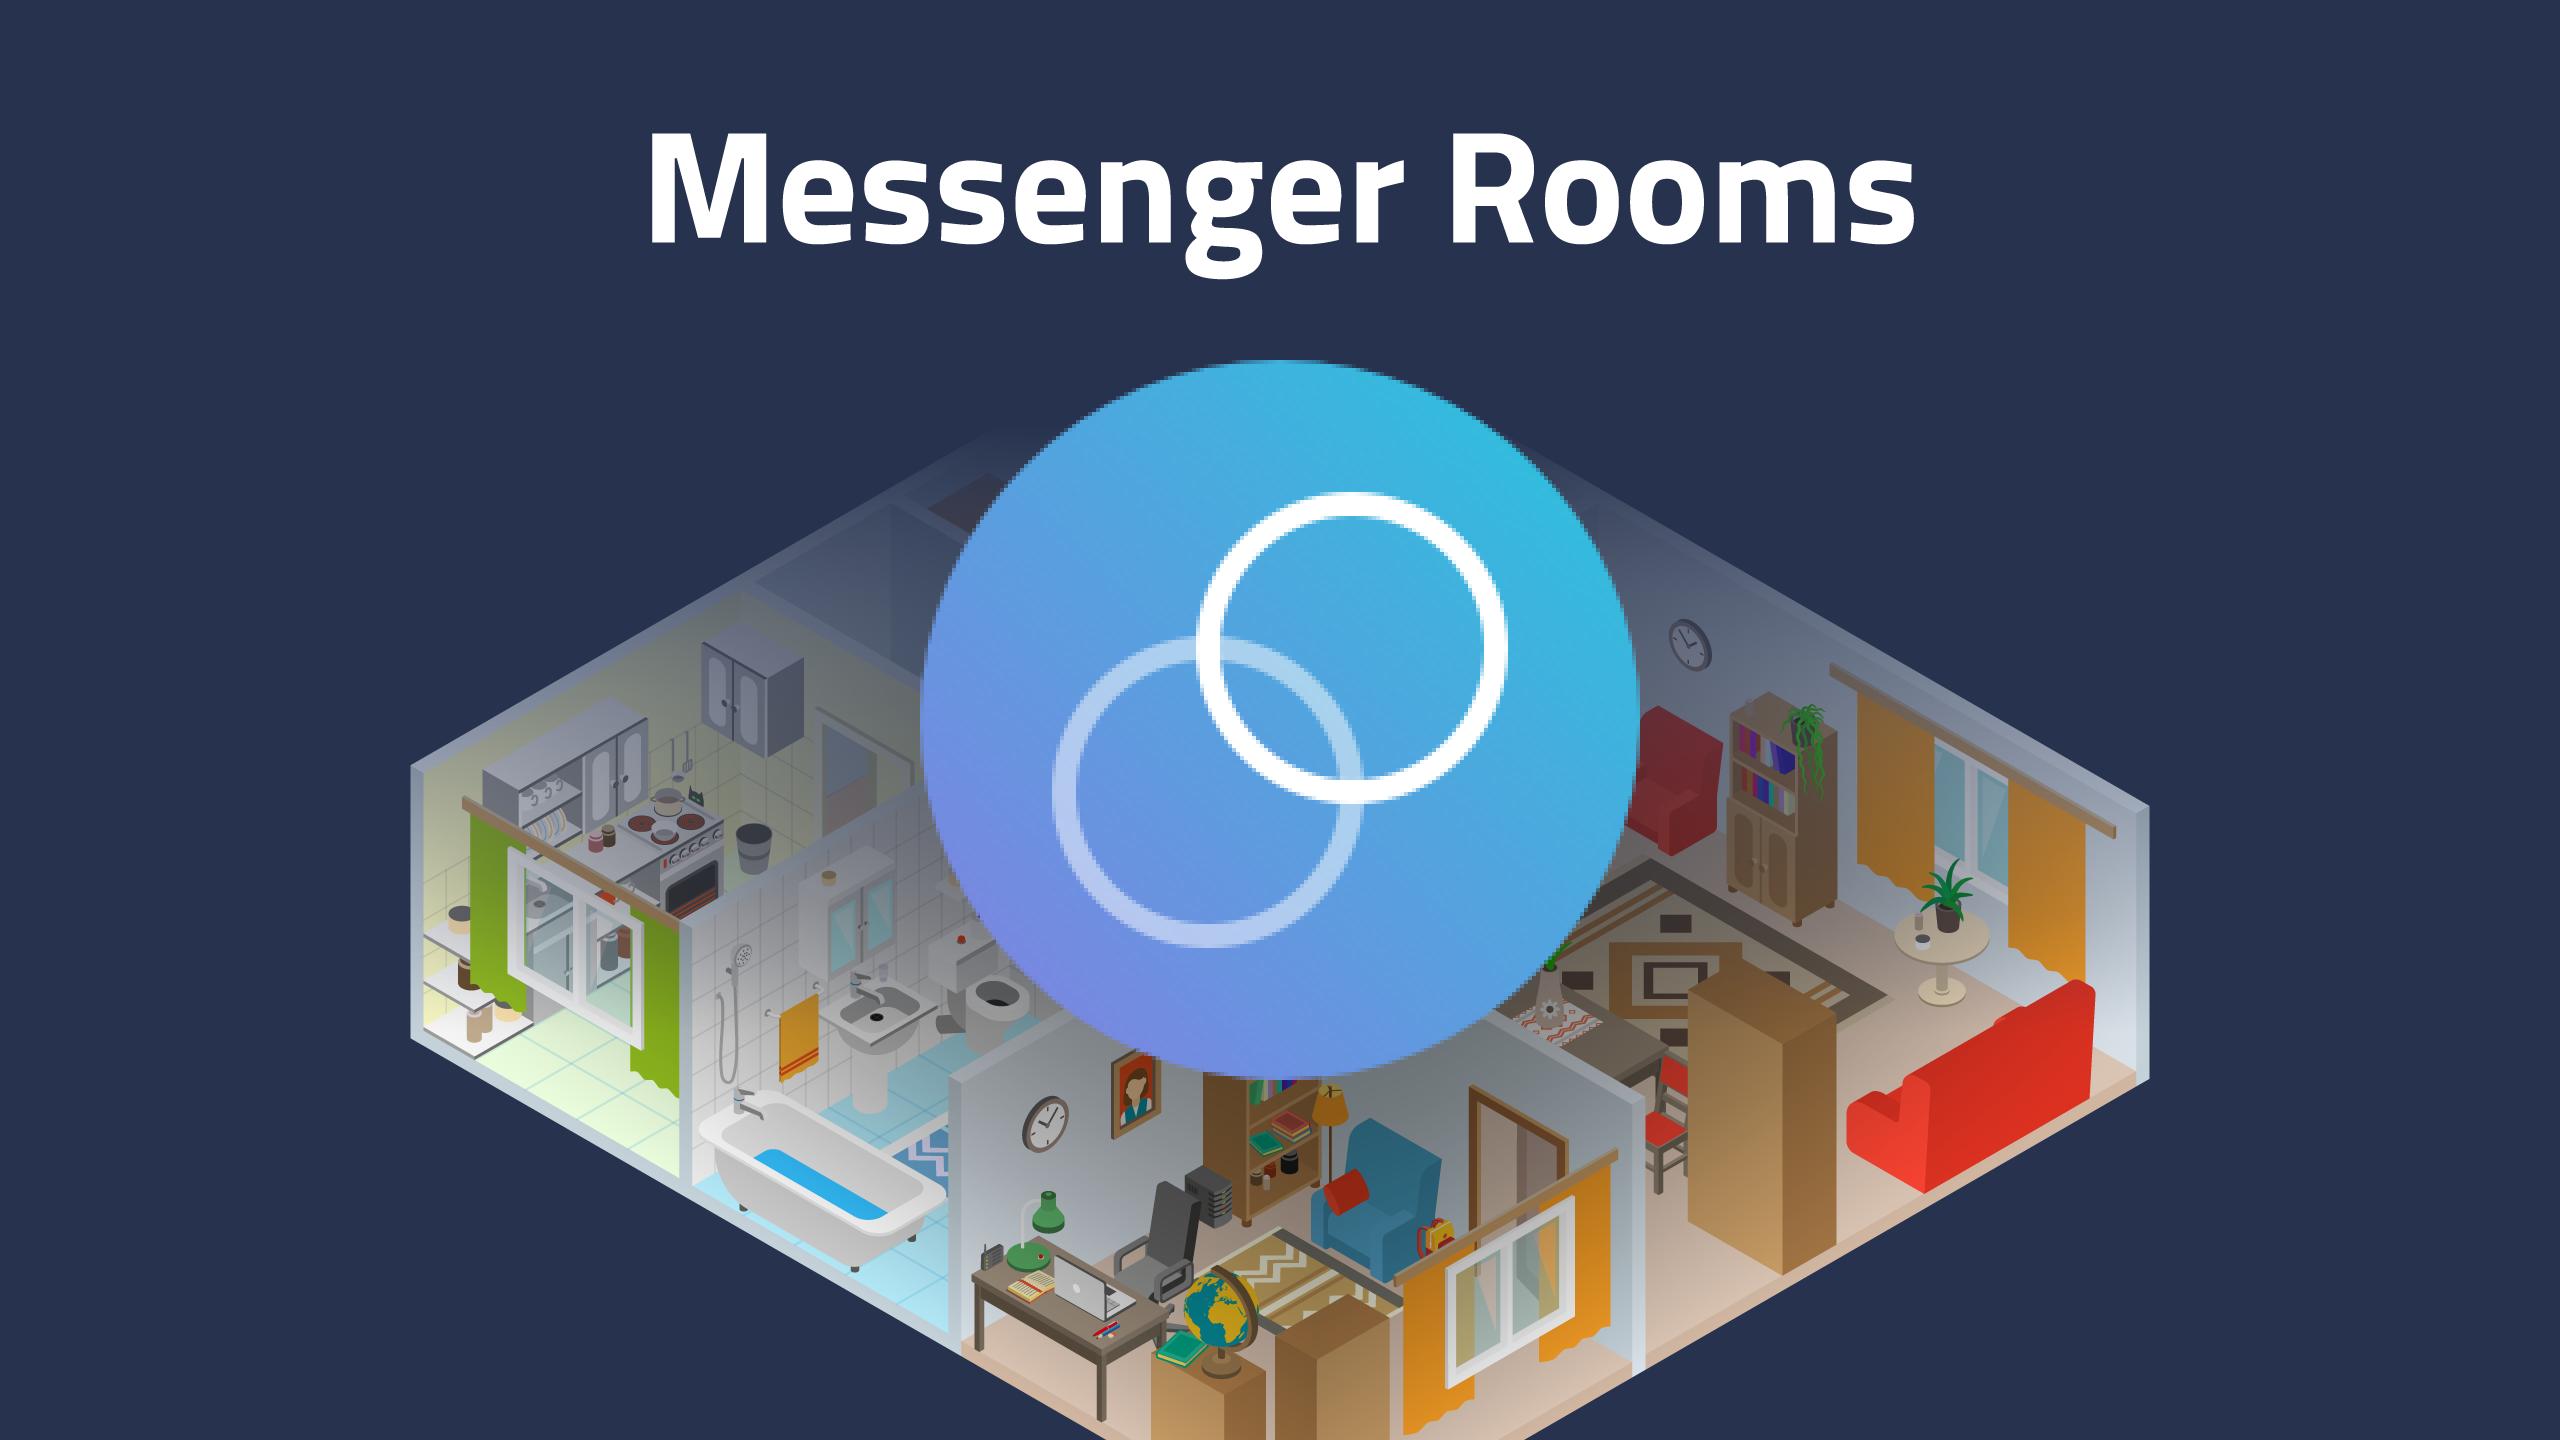 Социальная сеть Facebook начал испытывать функцию Rooms всвоем мессенджере